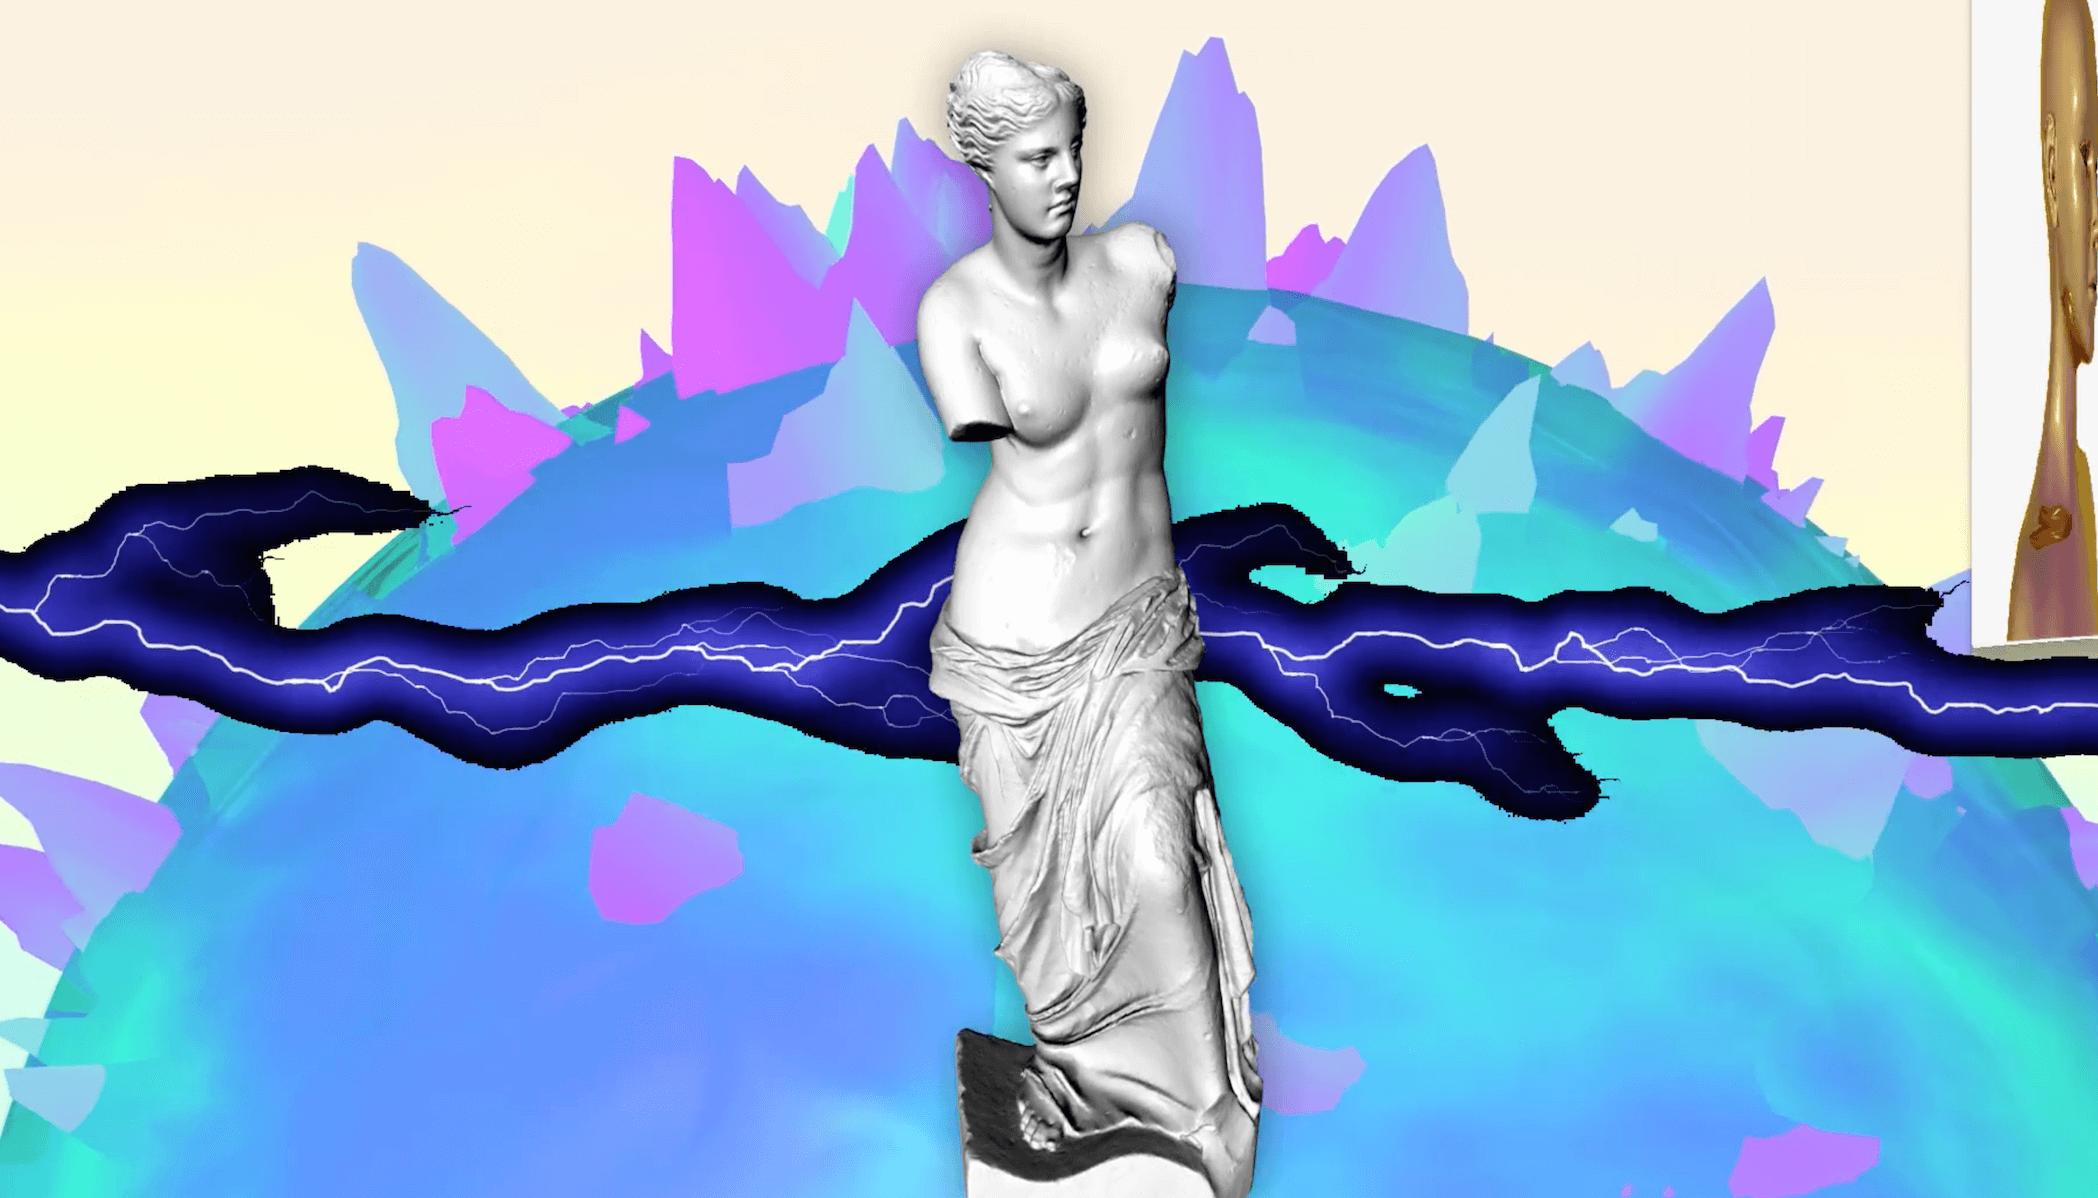 Shines shines Venus.